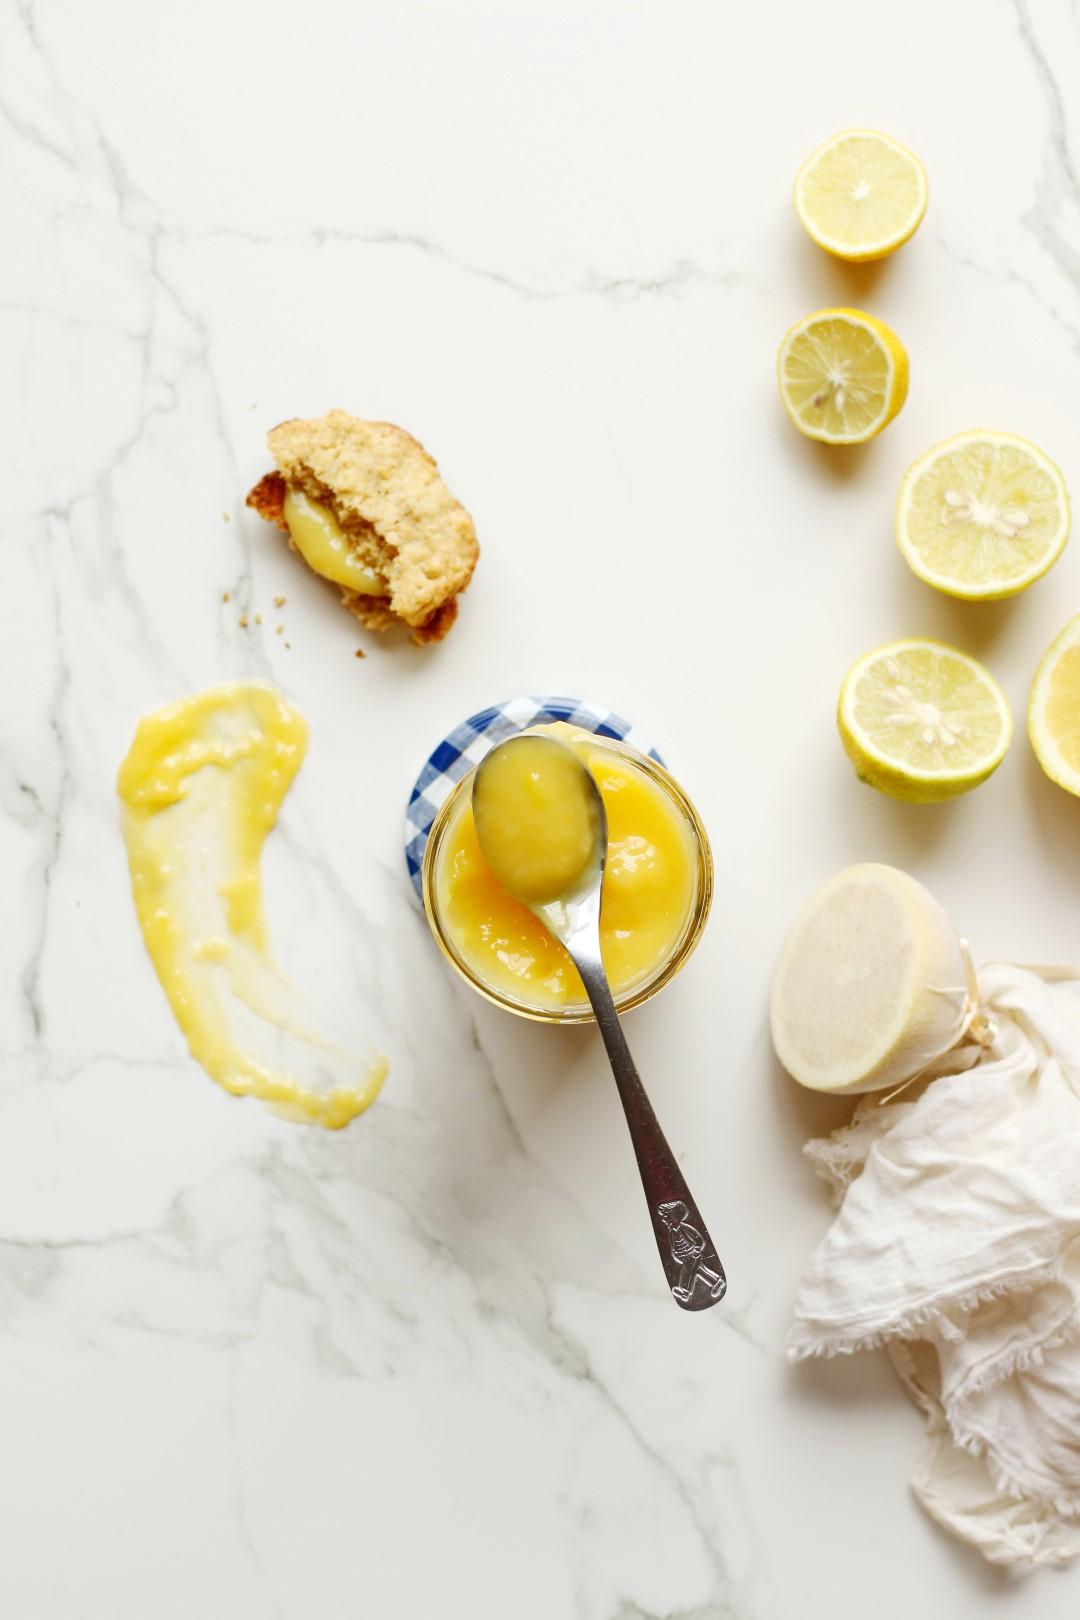 lemon curd, receta fácil crema de limón, salsa de limón.